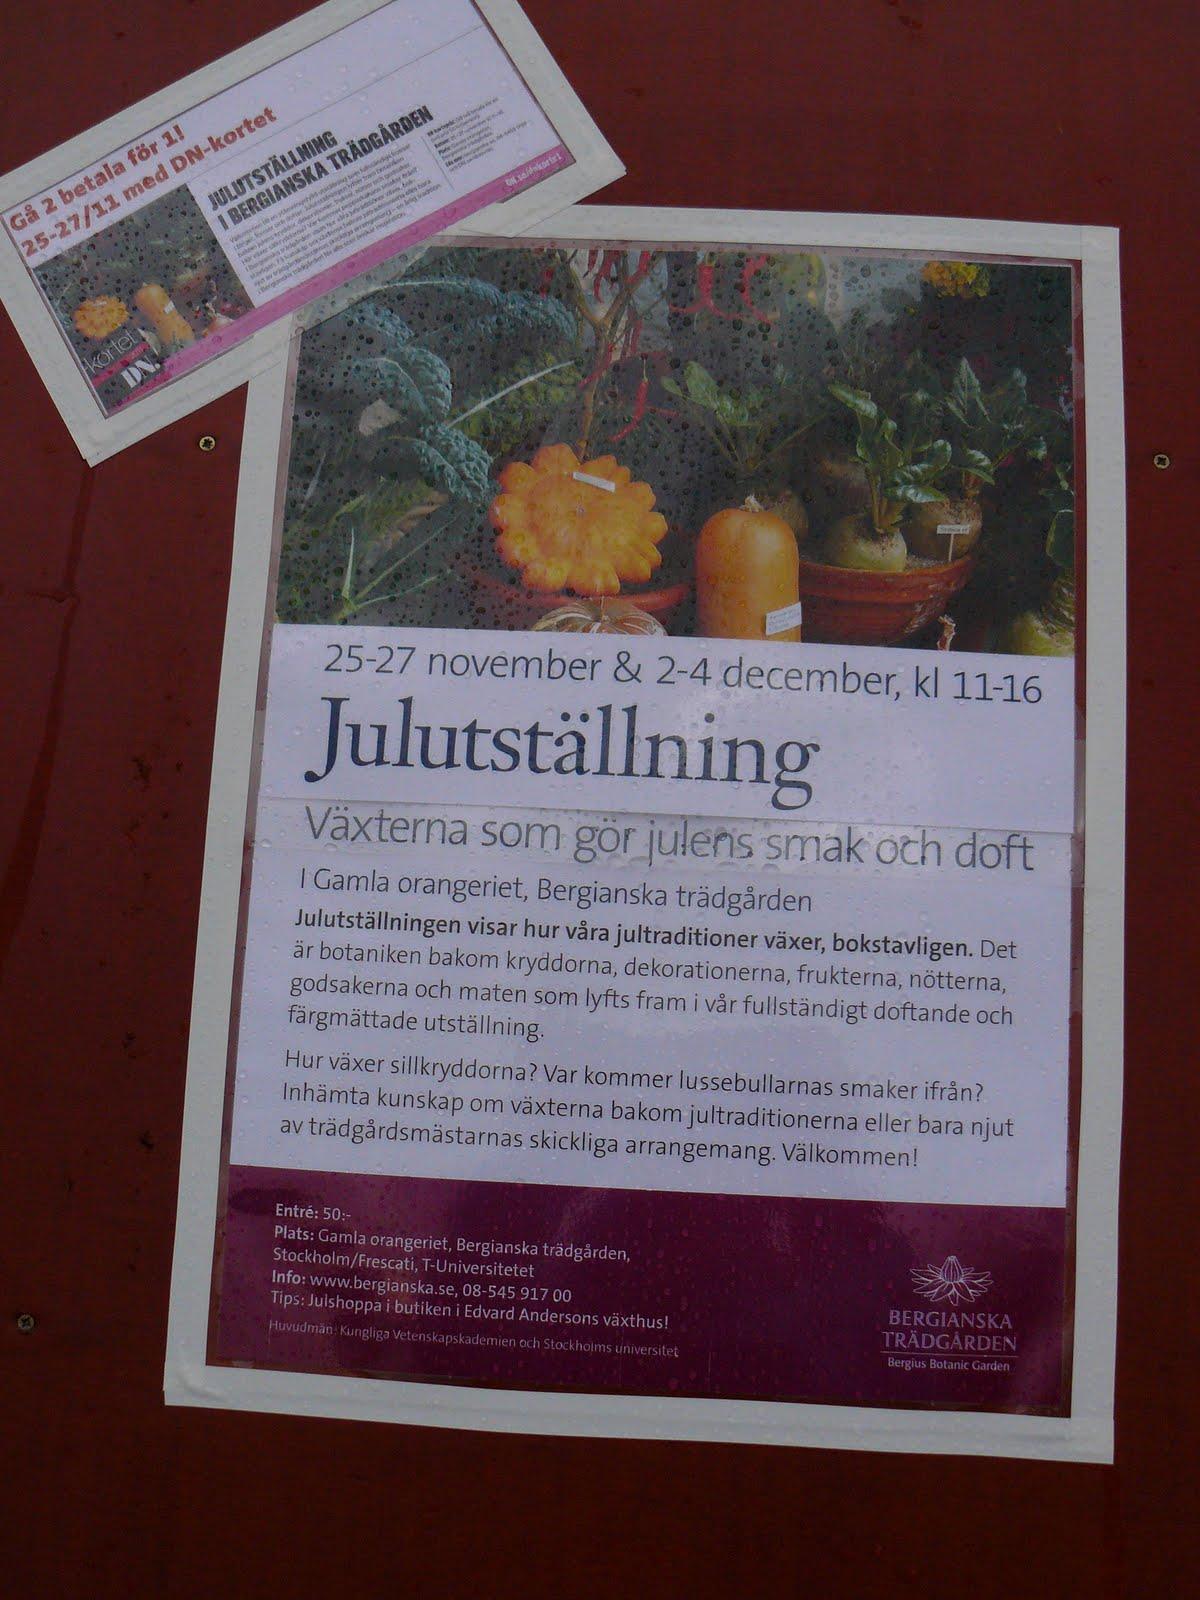 Sverige ar himmelriket